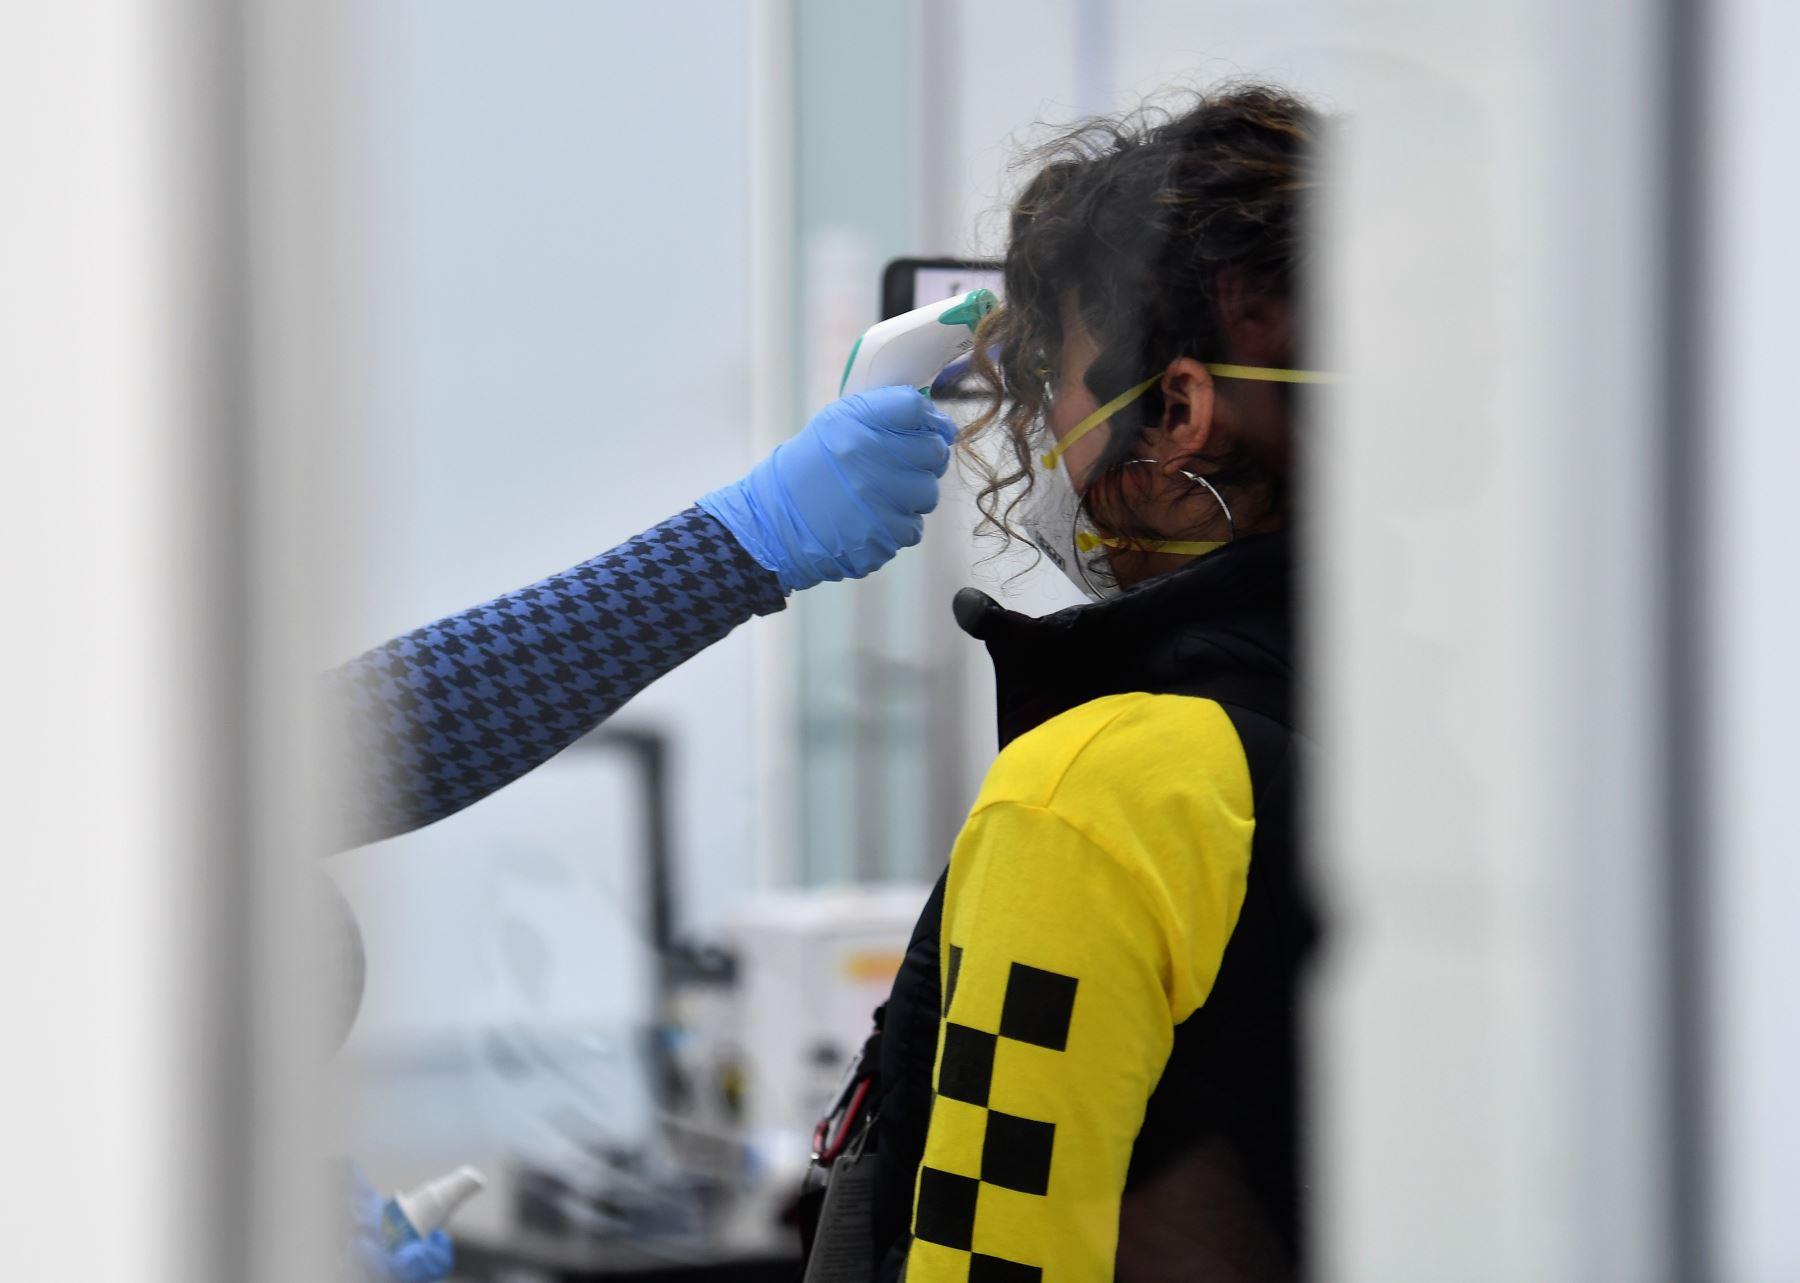 Un periodista mide su temperatura cuando el alcalde de la ciudad de Nueva York, Bill de Blasio, visita el Brooklyn Navy Yard, donde las empresas industriales locales han comenzado a fabricar equipos de protección personal (EPP) como protectores faciales para abastecer a los trabajadores de la salud y hospitales de New York. AFP